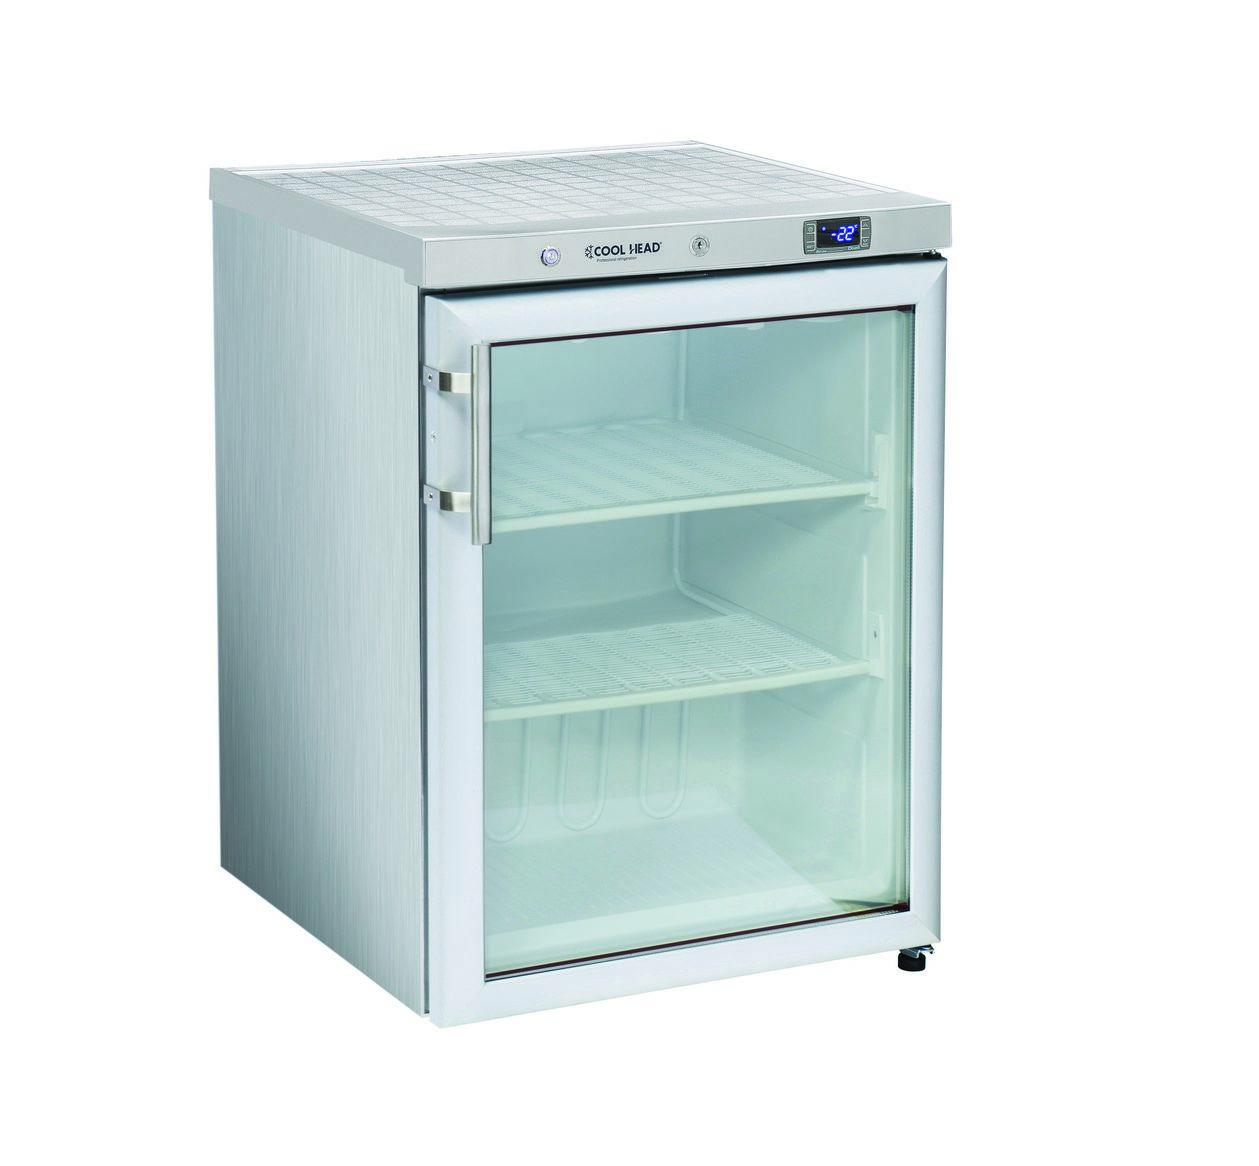 200 literes mélyhűtő, statikus hűtéssel, üvegajtós, rozsdamentes